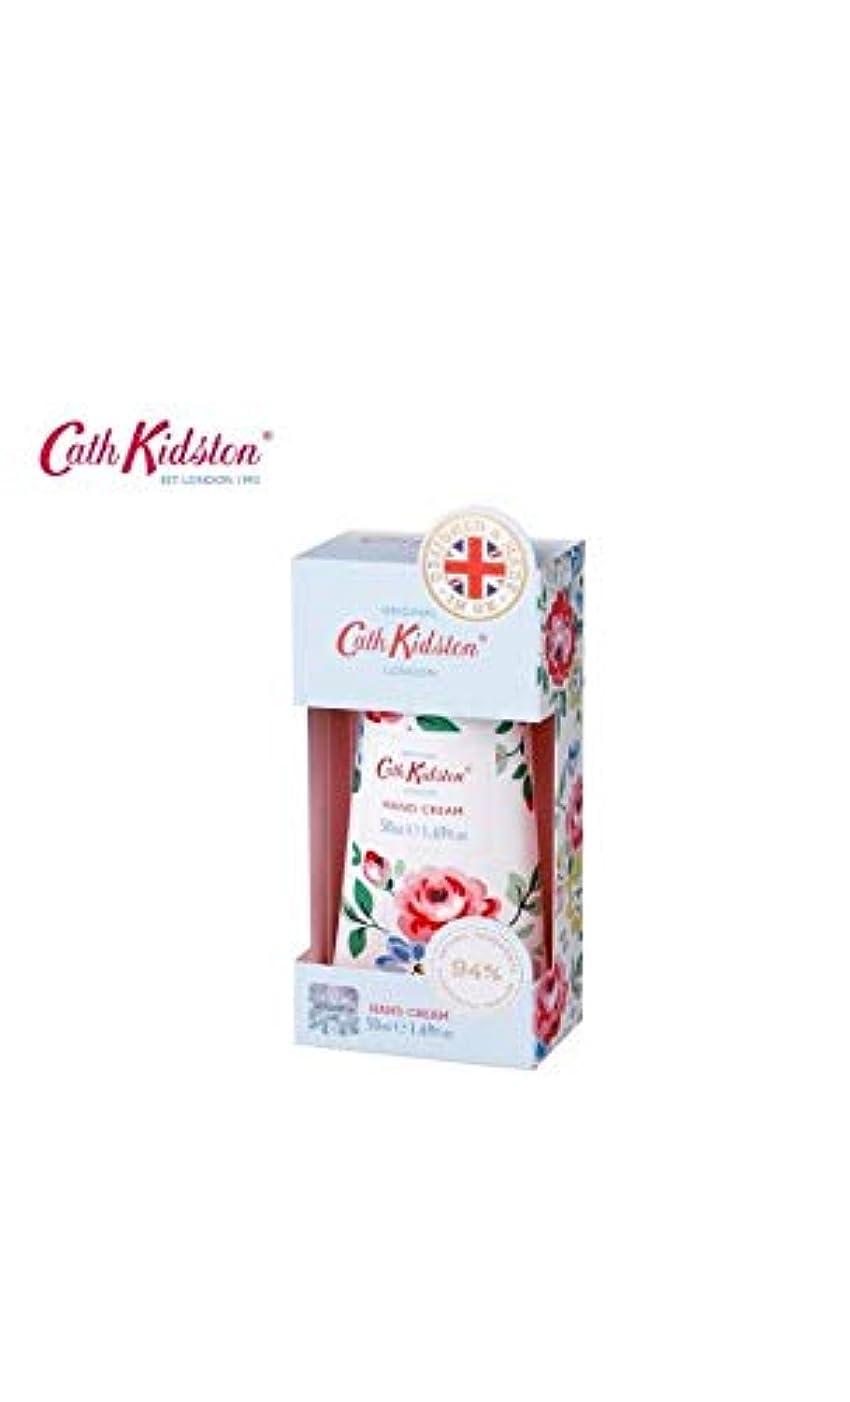 シャーラウズロケットキャスキッドソン(Cath Kidston)☆ハンドクリーム50ml★ワイルドローズ&クインス(Wildrose&Quince)[並行輸入品]